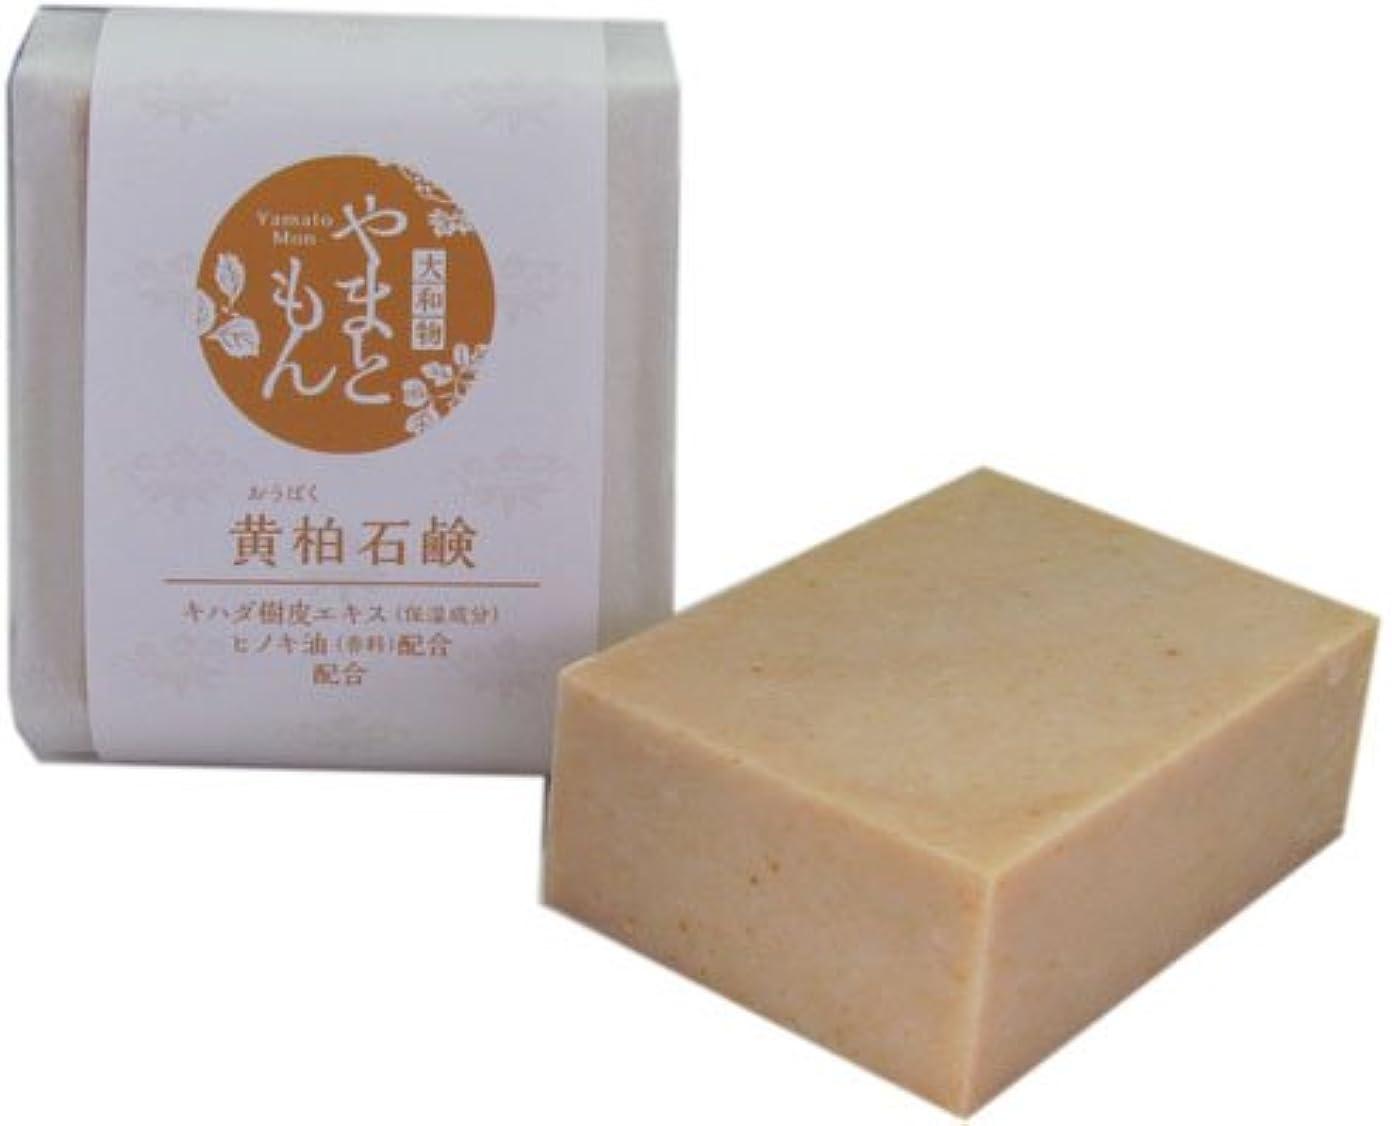 グループ商品みすぼらしい奈良産和漢生薬エキス使用やまともん化粧品 黄柏石鹸(おうばくせっけん)